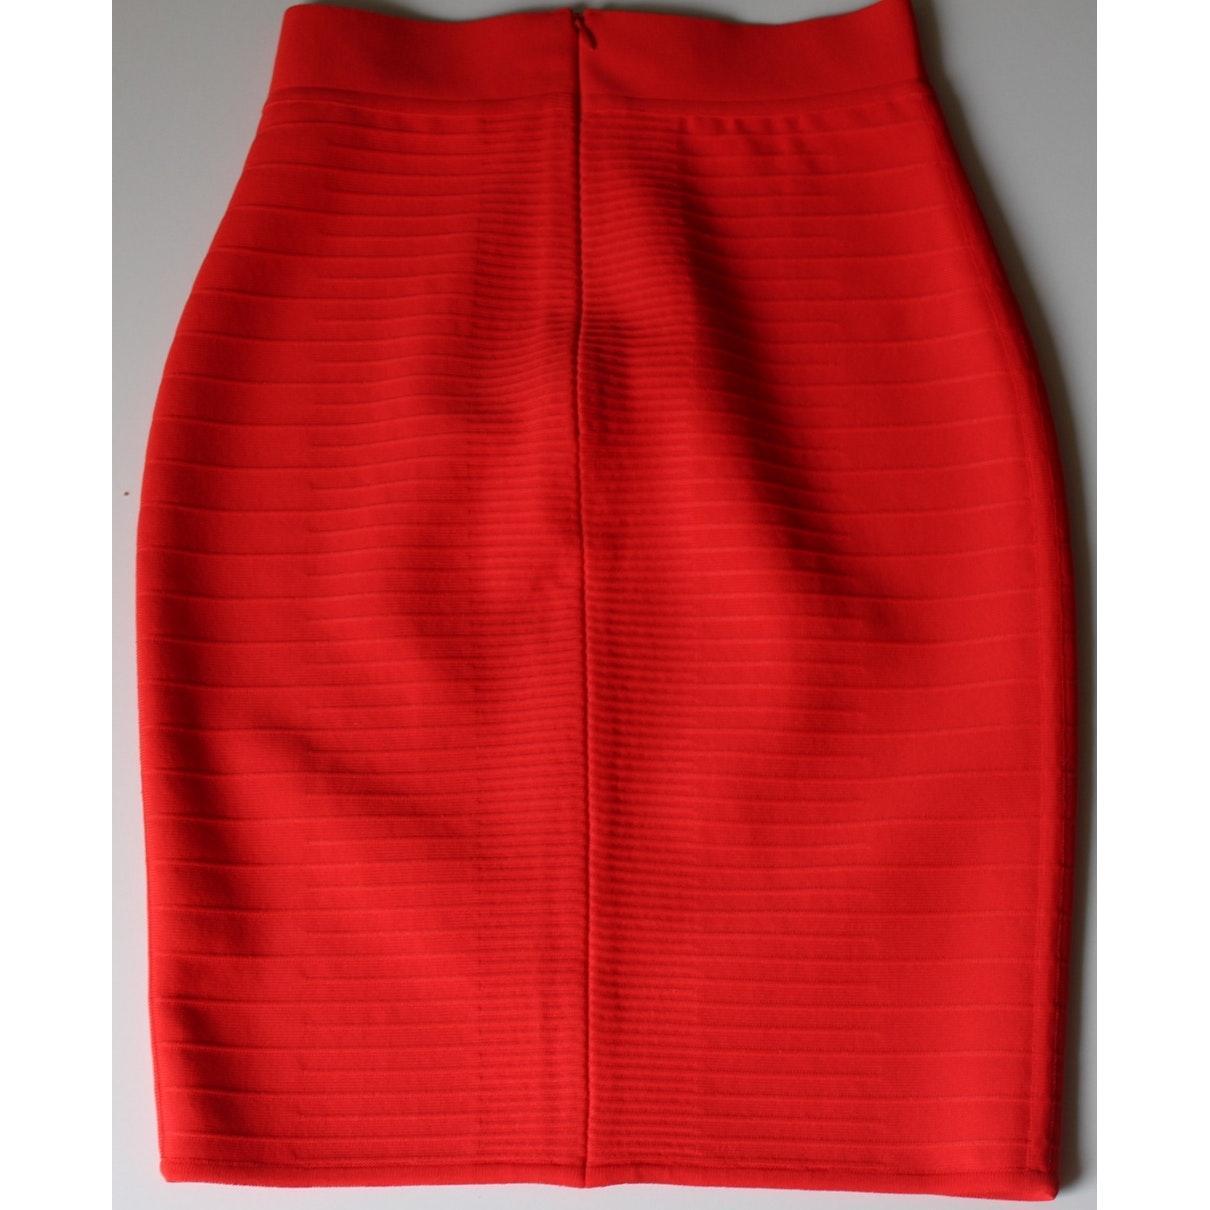 Falda en viscosa rojo Hervé Léger de Tejido sintético de color Rojo